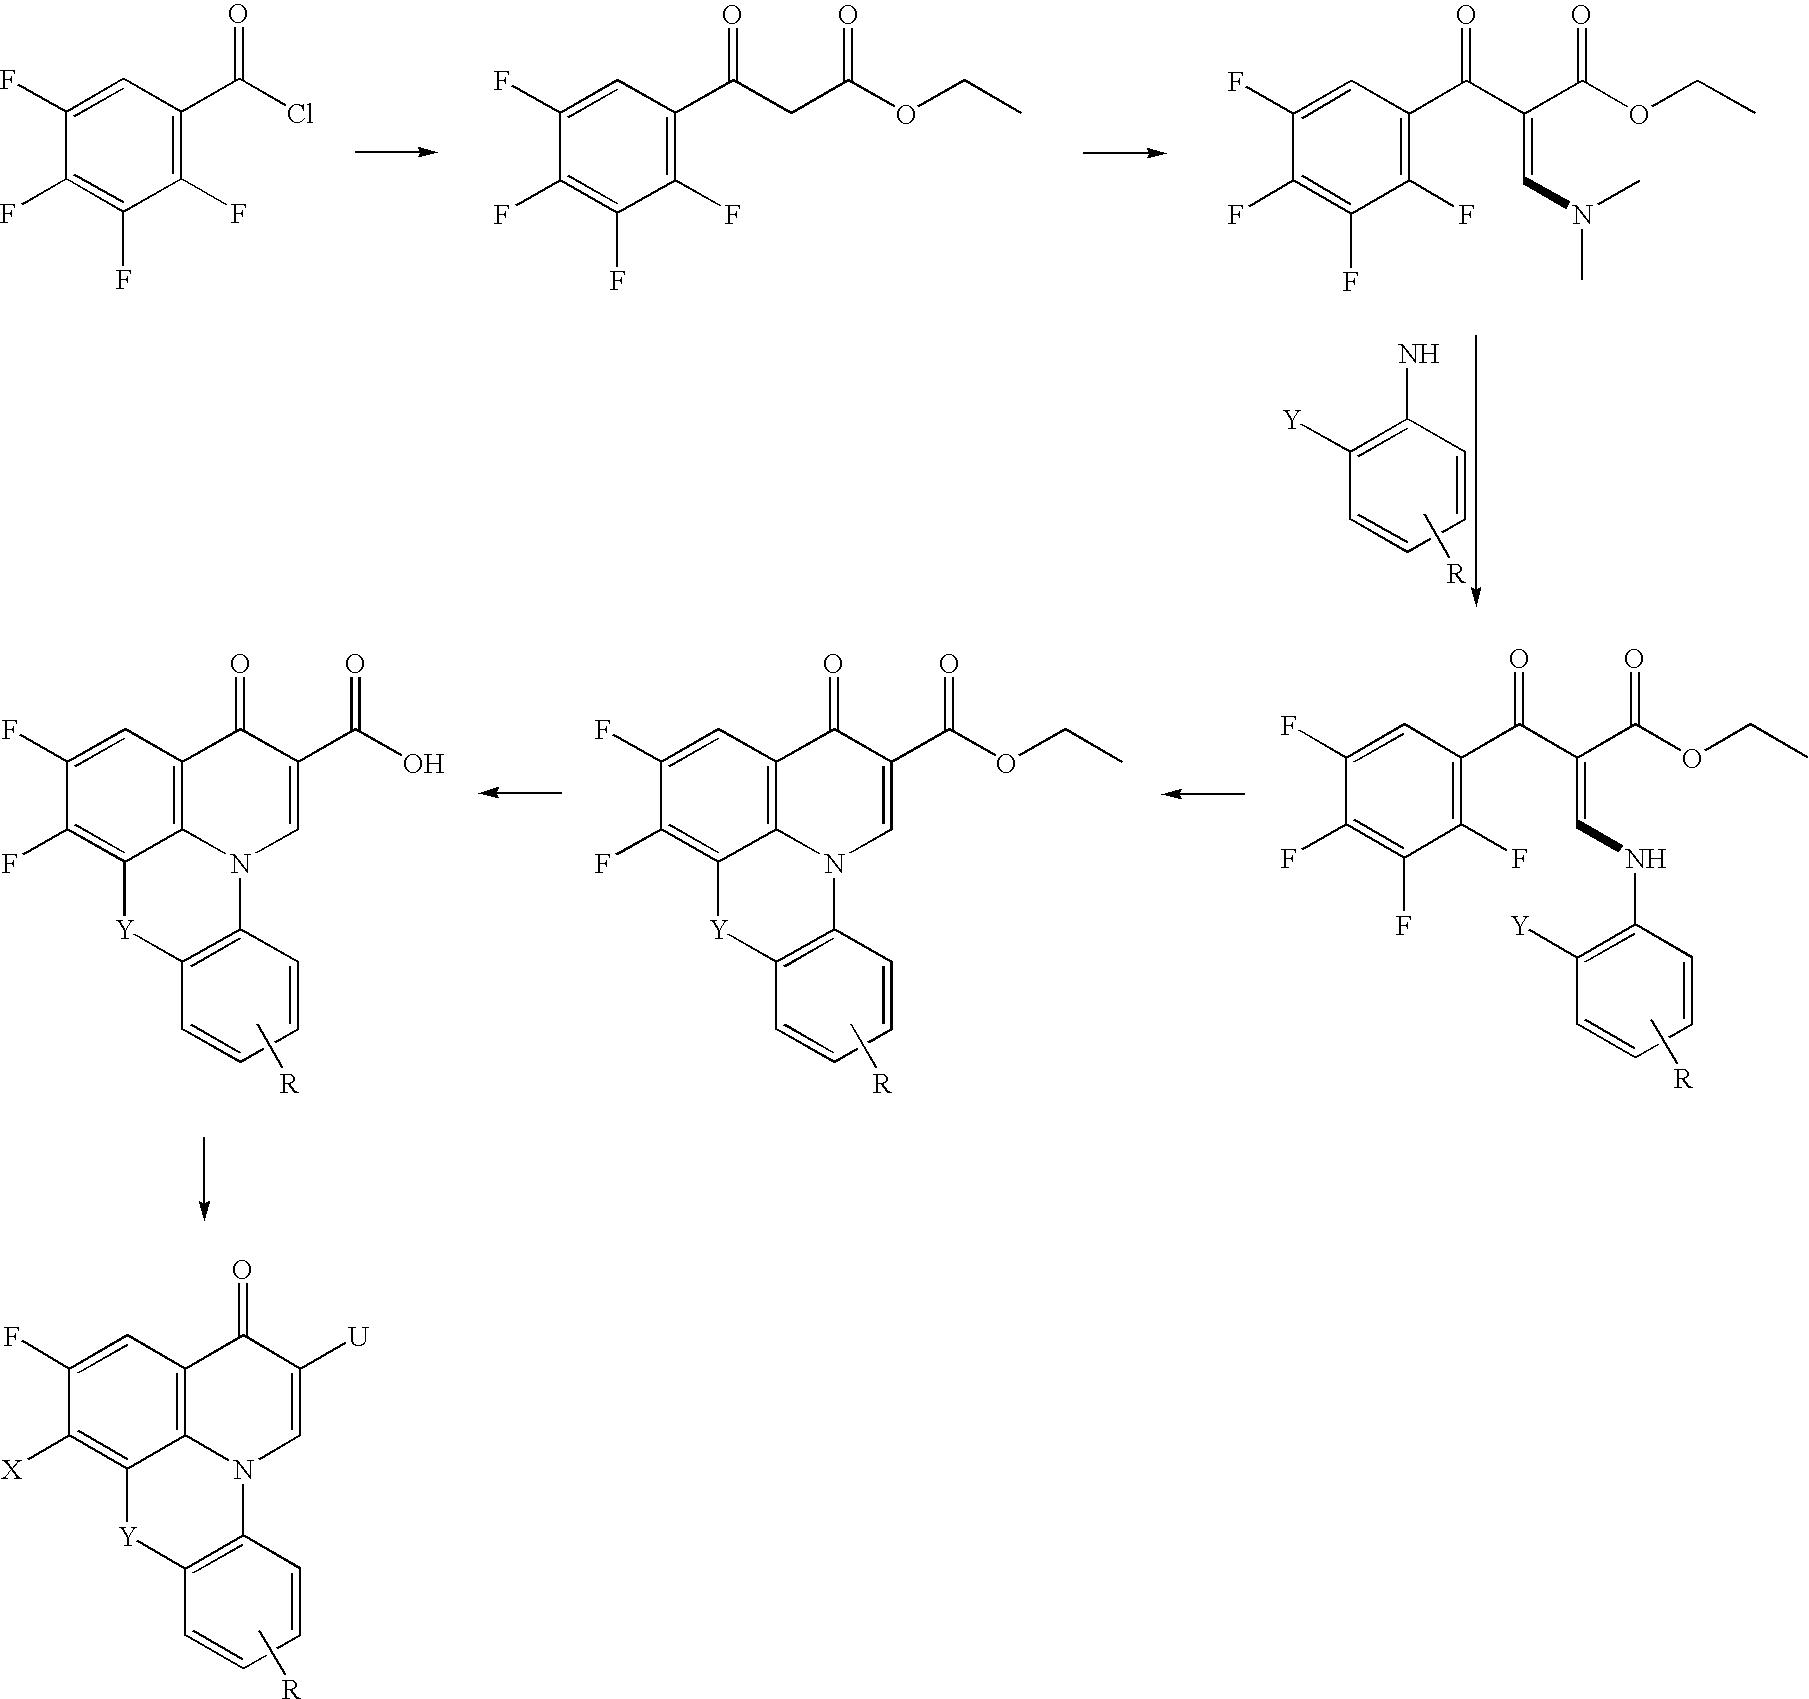 Figure US07326702-20080205-C00006